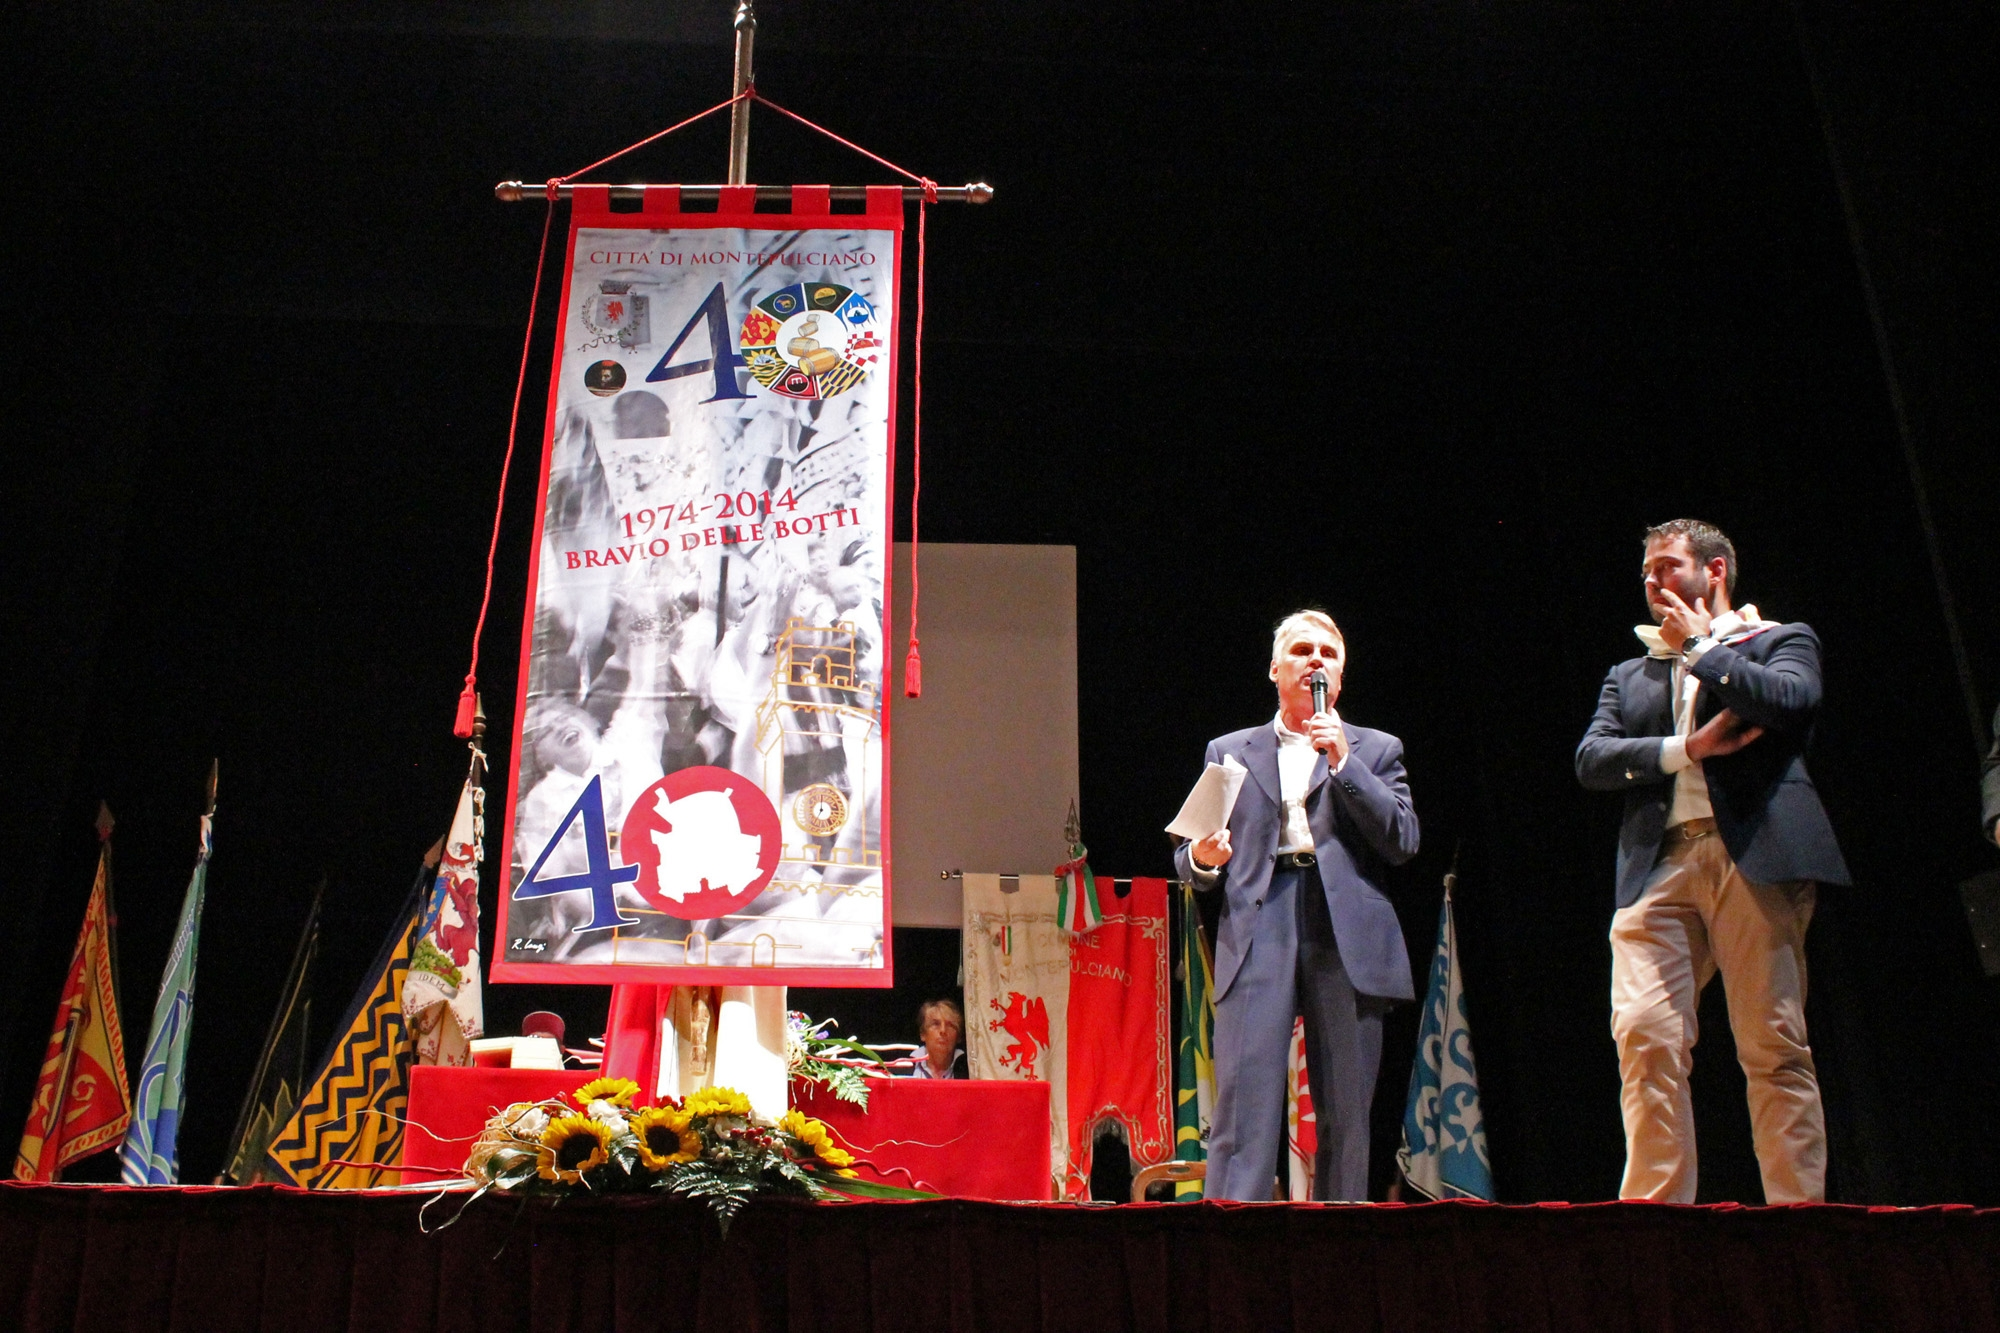 Svelato il Panno del Bravìo di Montepulciano